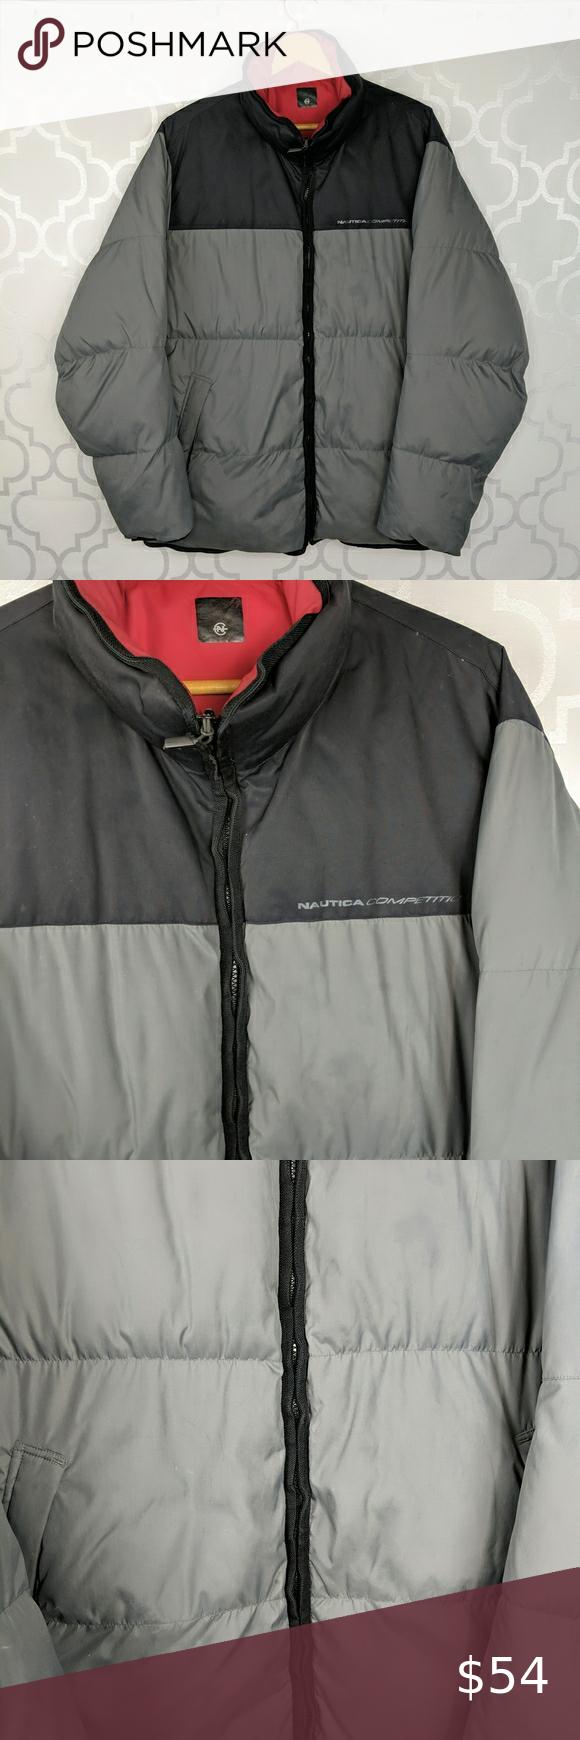 Nautica Reversible Insulated Puffer Jacket Puffer Jackets Grey Puffer Jacket Jackets [ 1740 x 580 Pixel ]